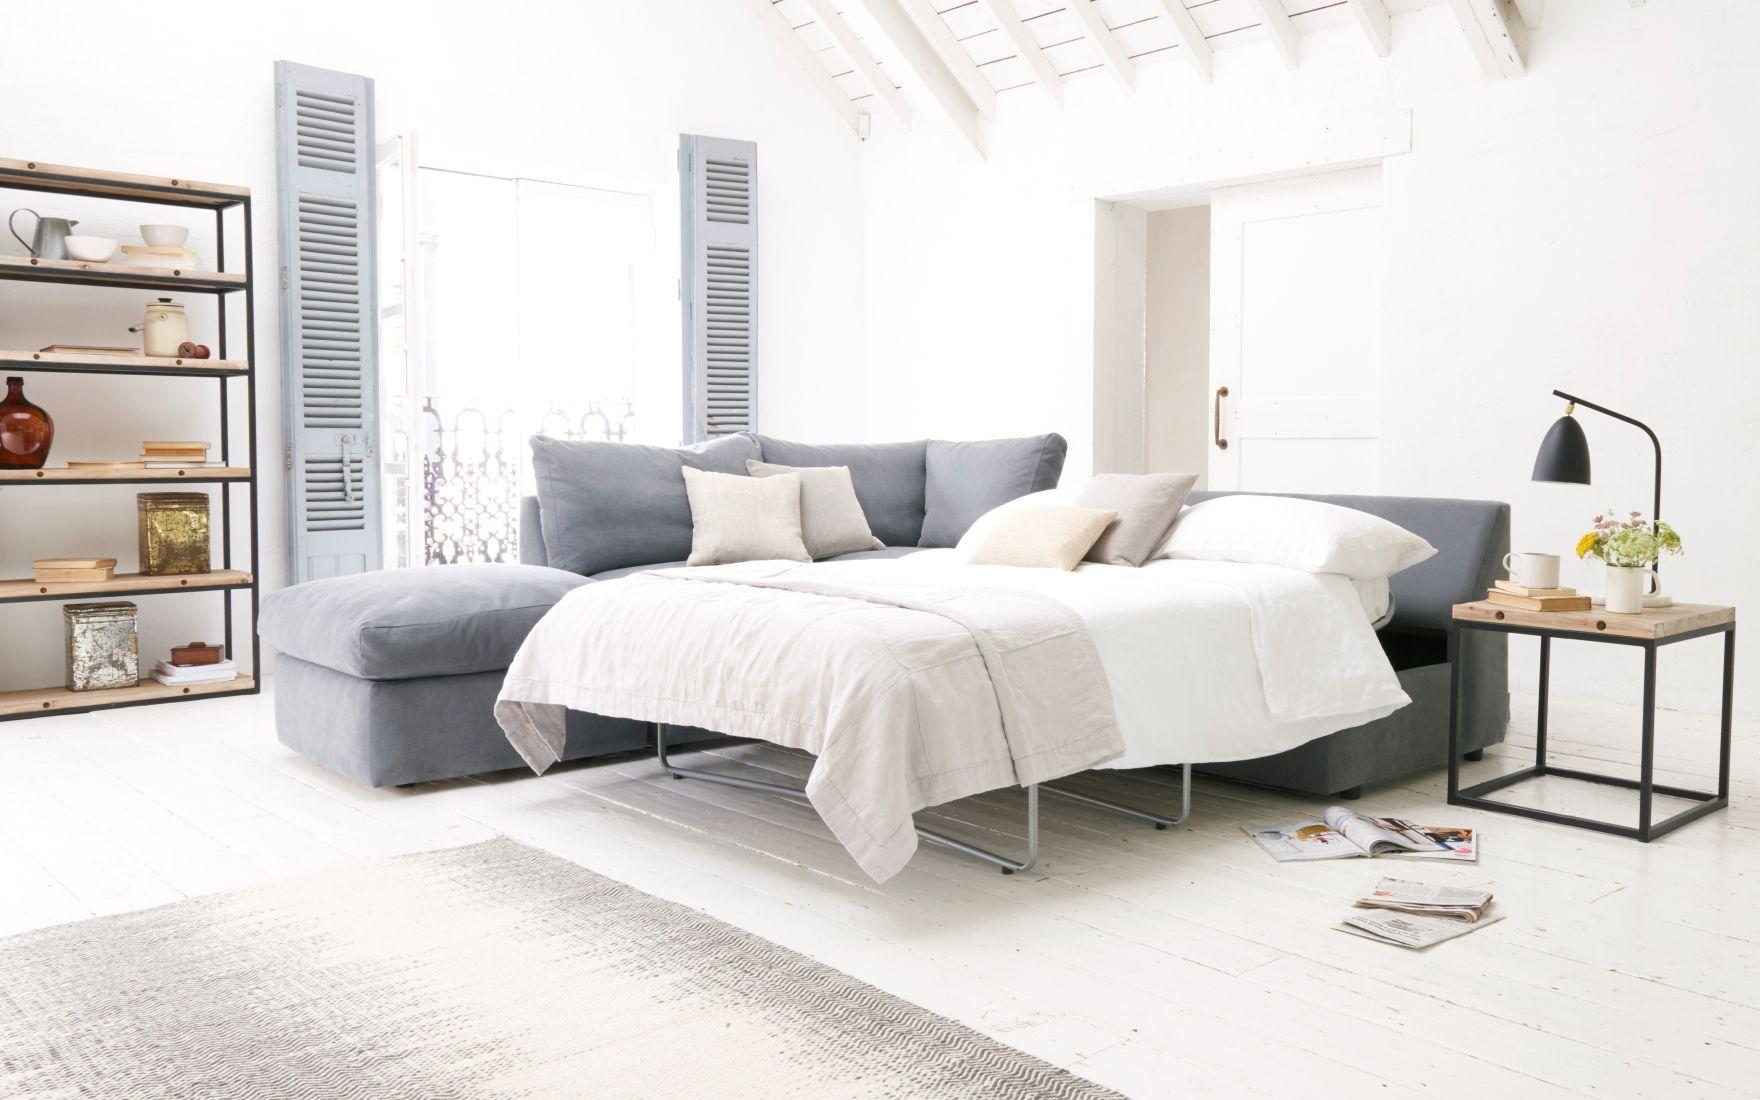 Что лучше диван или кровать: сопоставляем и выбираем идеальный вариант